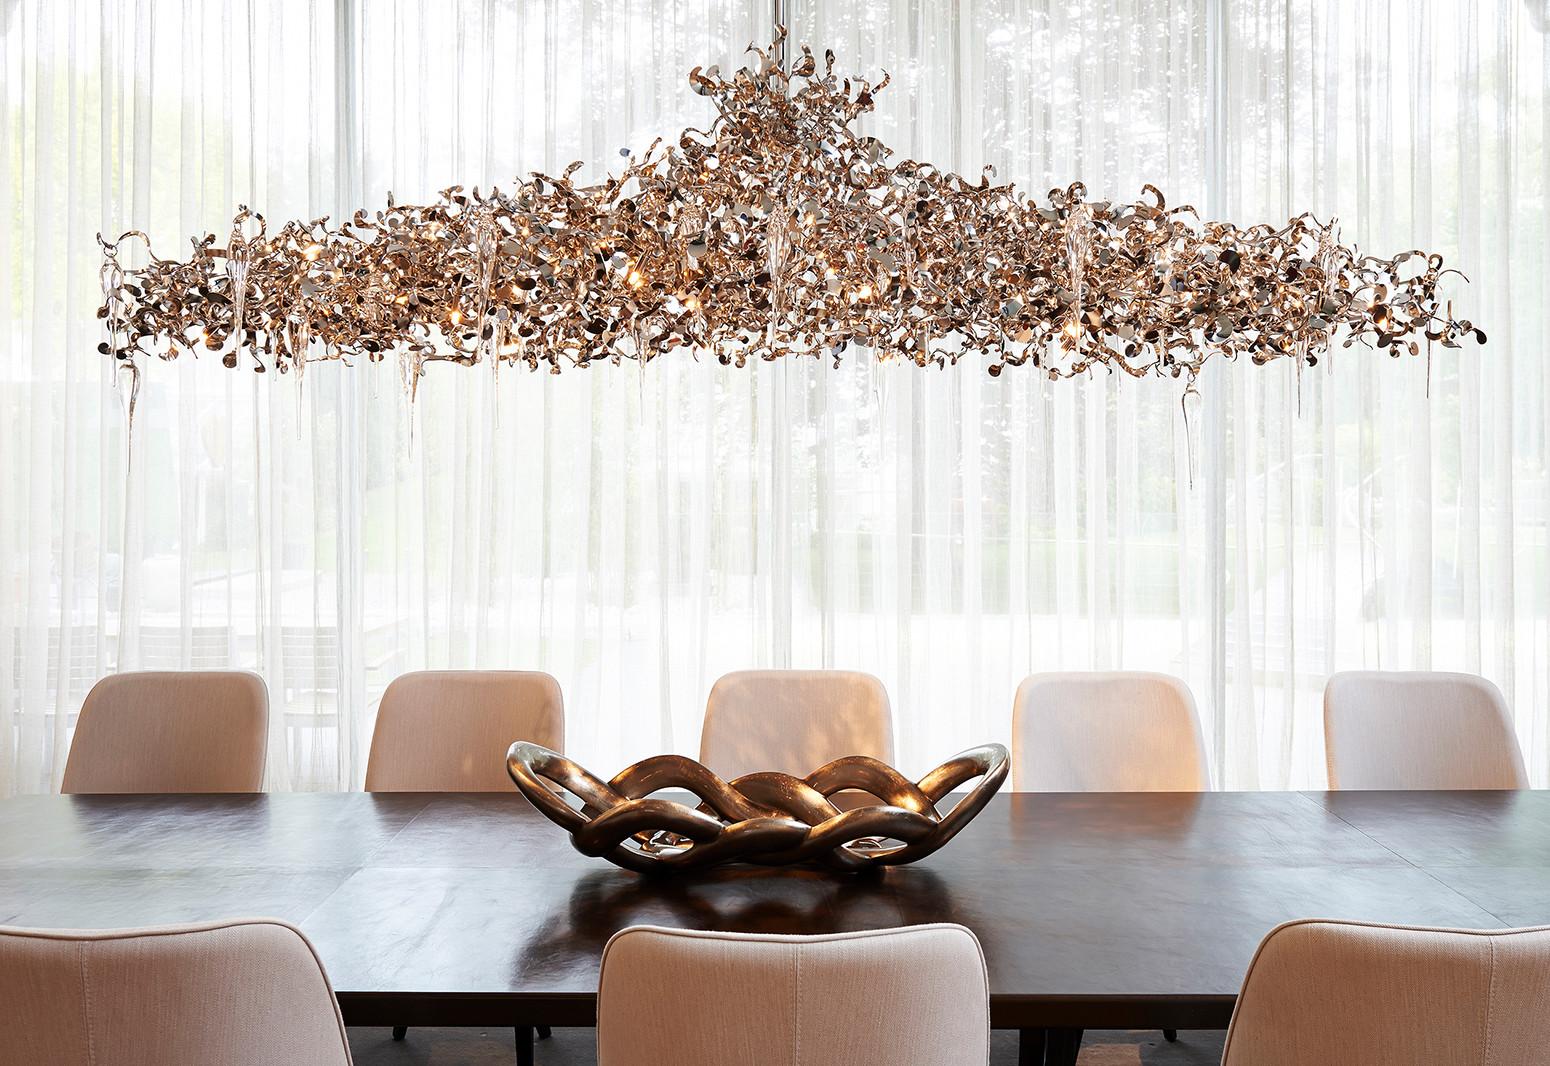 Hier sehen Sie ein Bild von Stefanie Raum Beleuchtung Esszimmer Raum Contemporary Interior